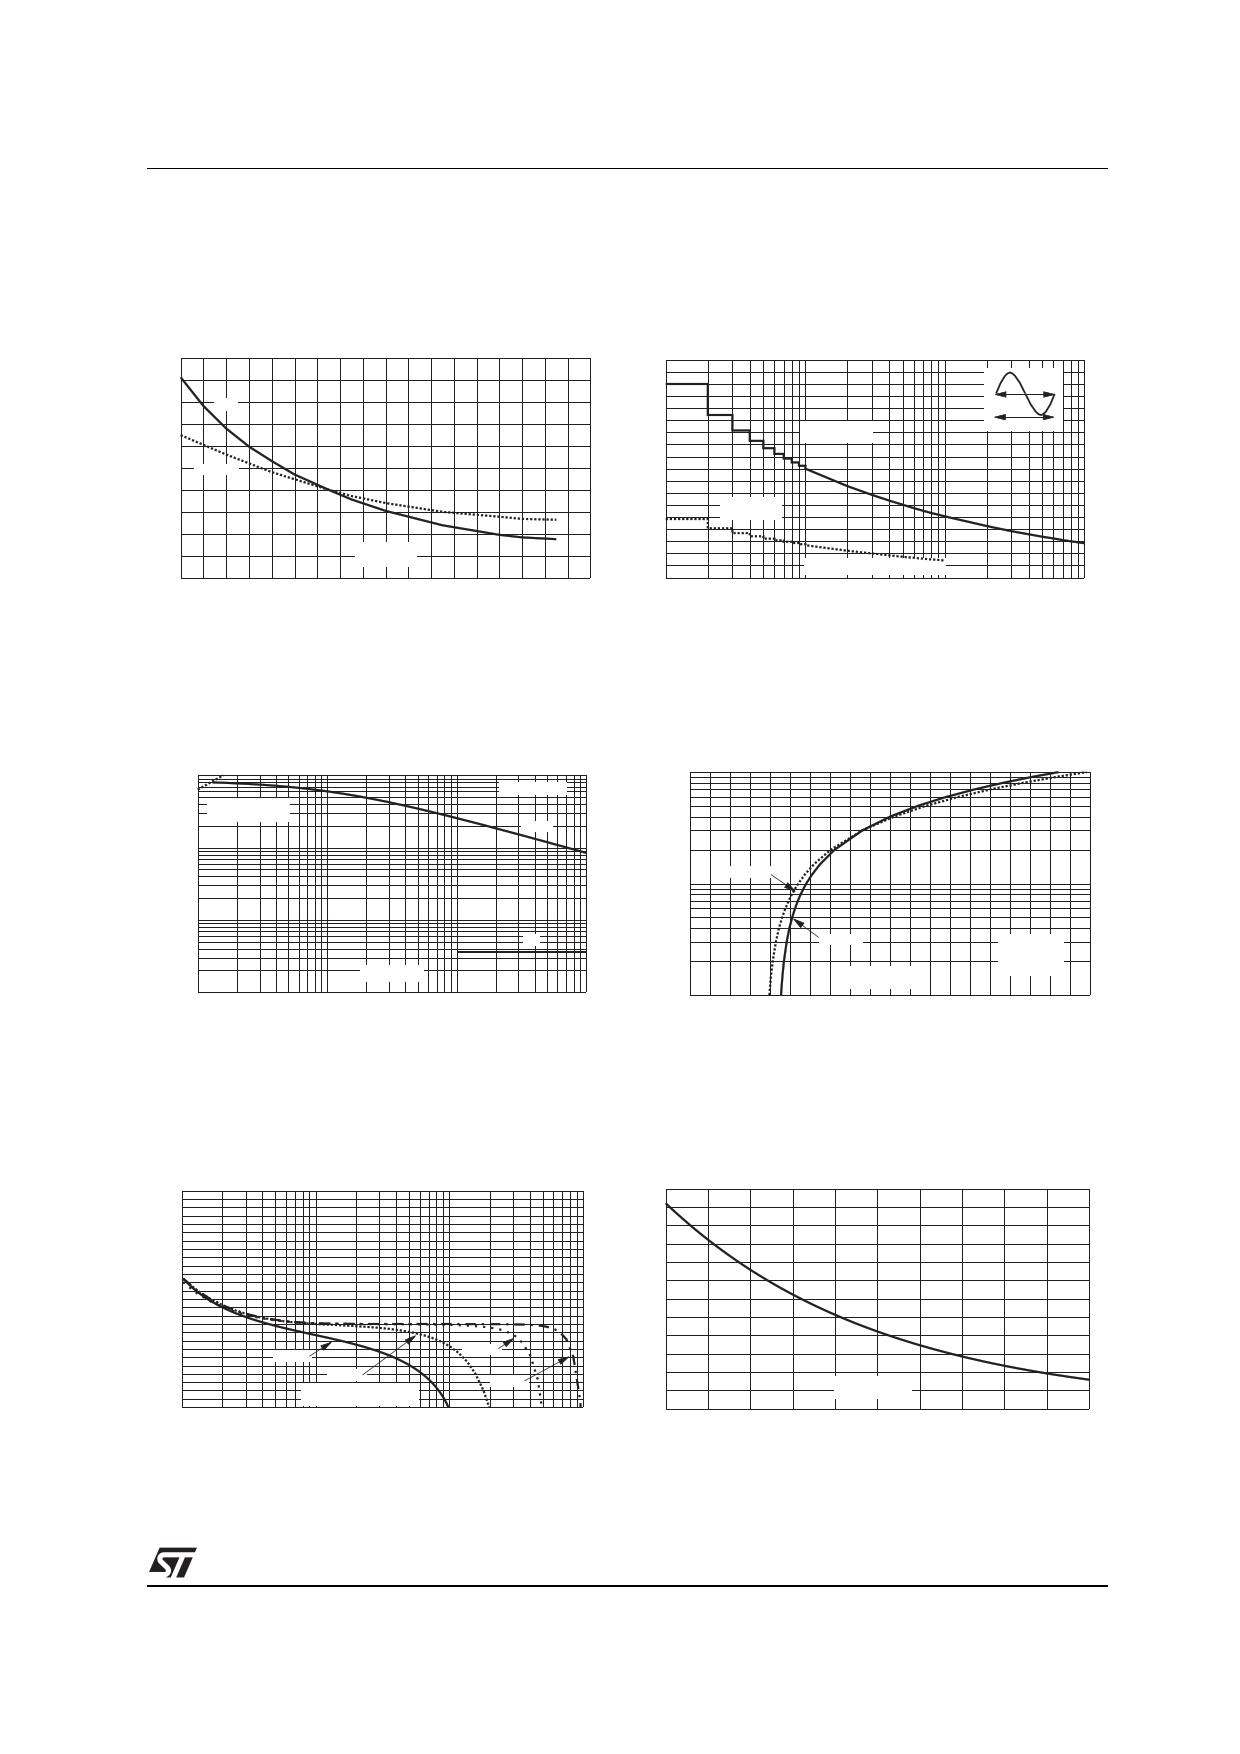 Z0109SN2AL2 pdf